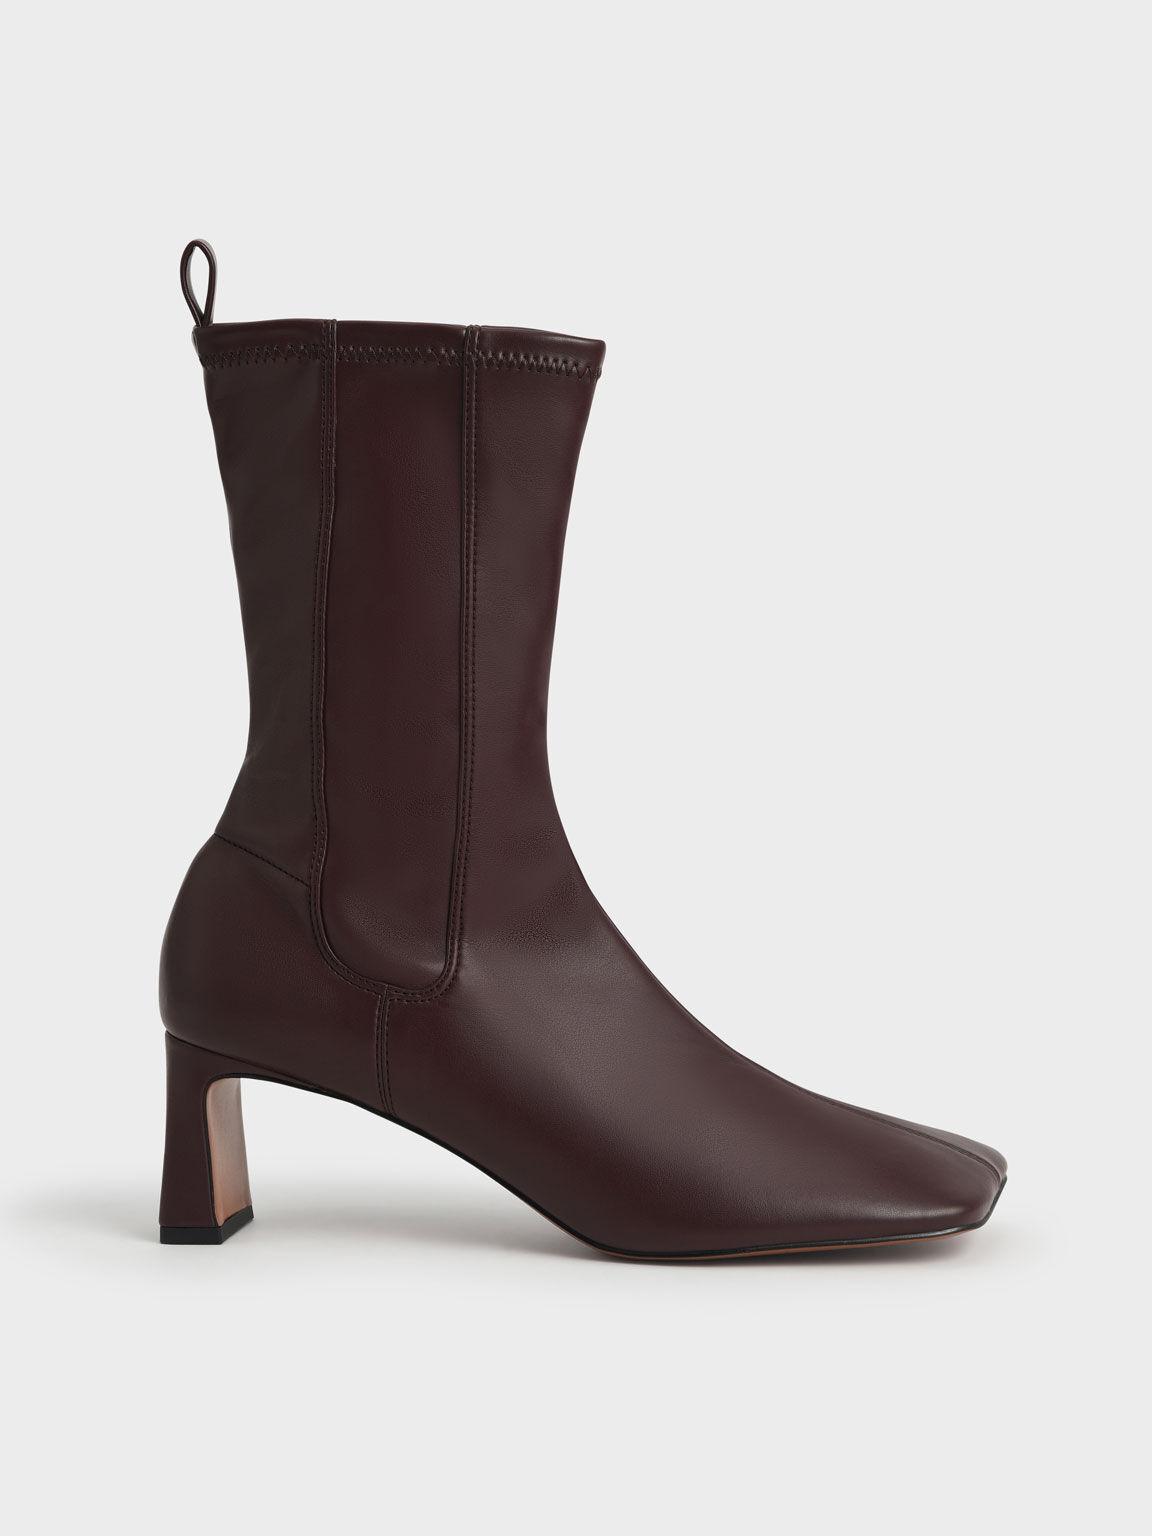 Stitch-Trim Slip-On Calf Boots, Dark Brown, hi-res